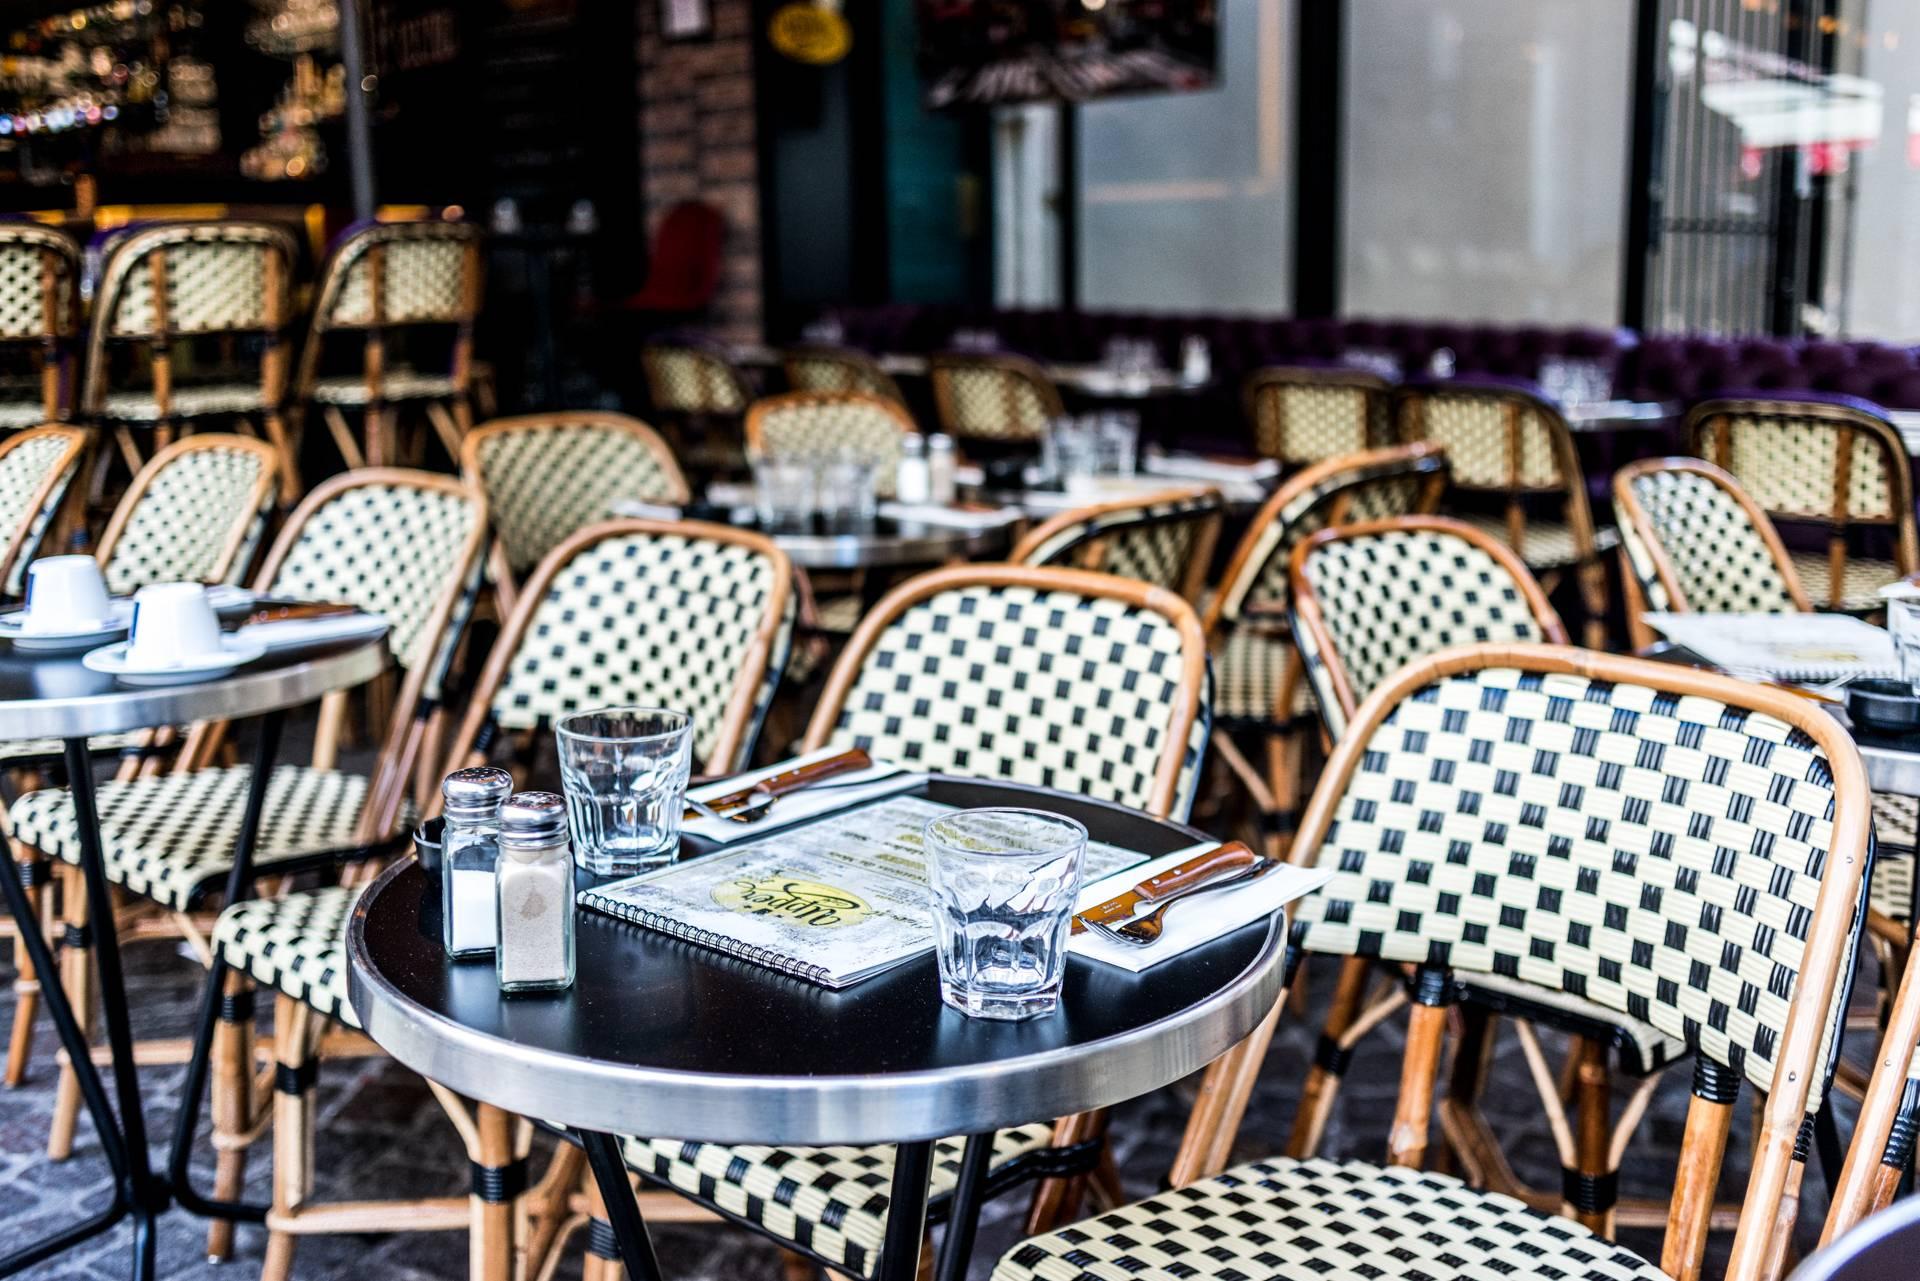 Upper Café Les Halles I Site Officiel Avis Prix Et